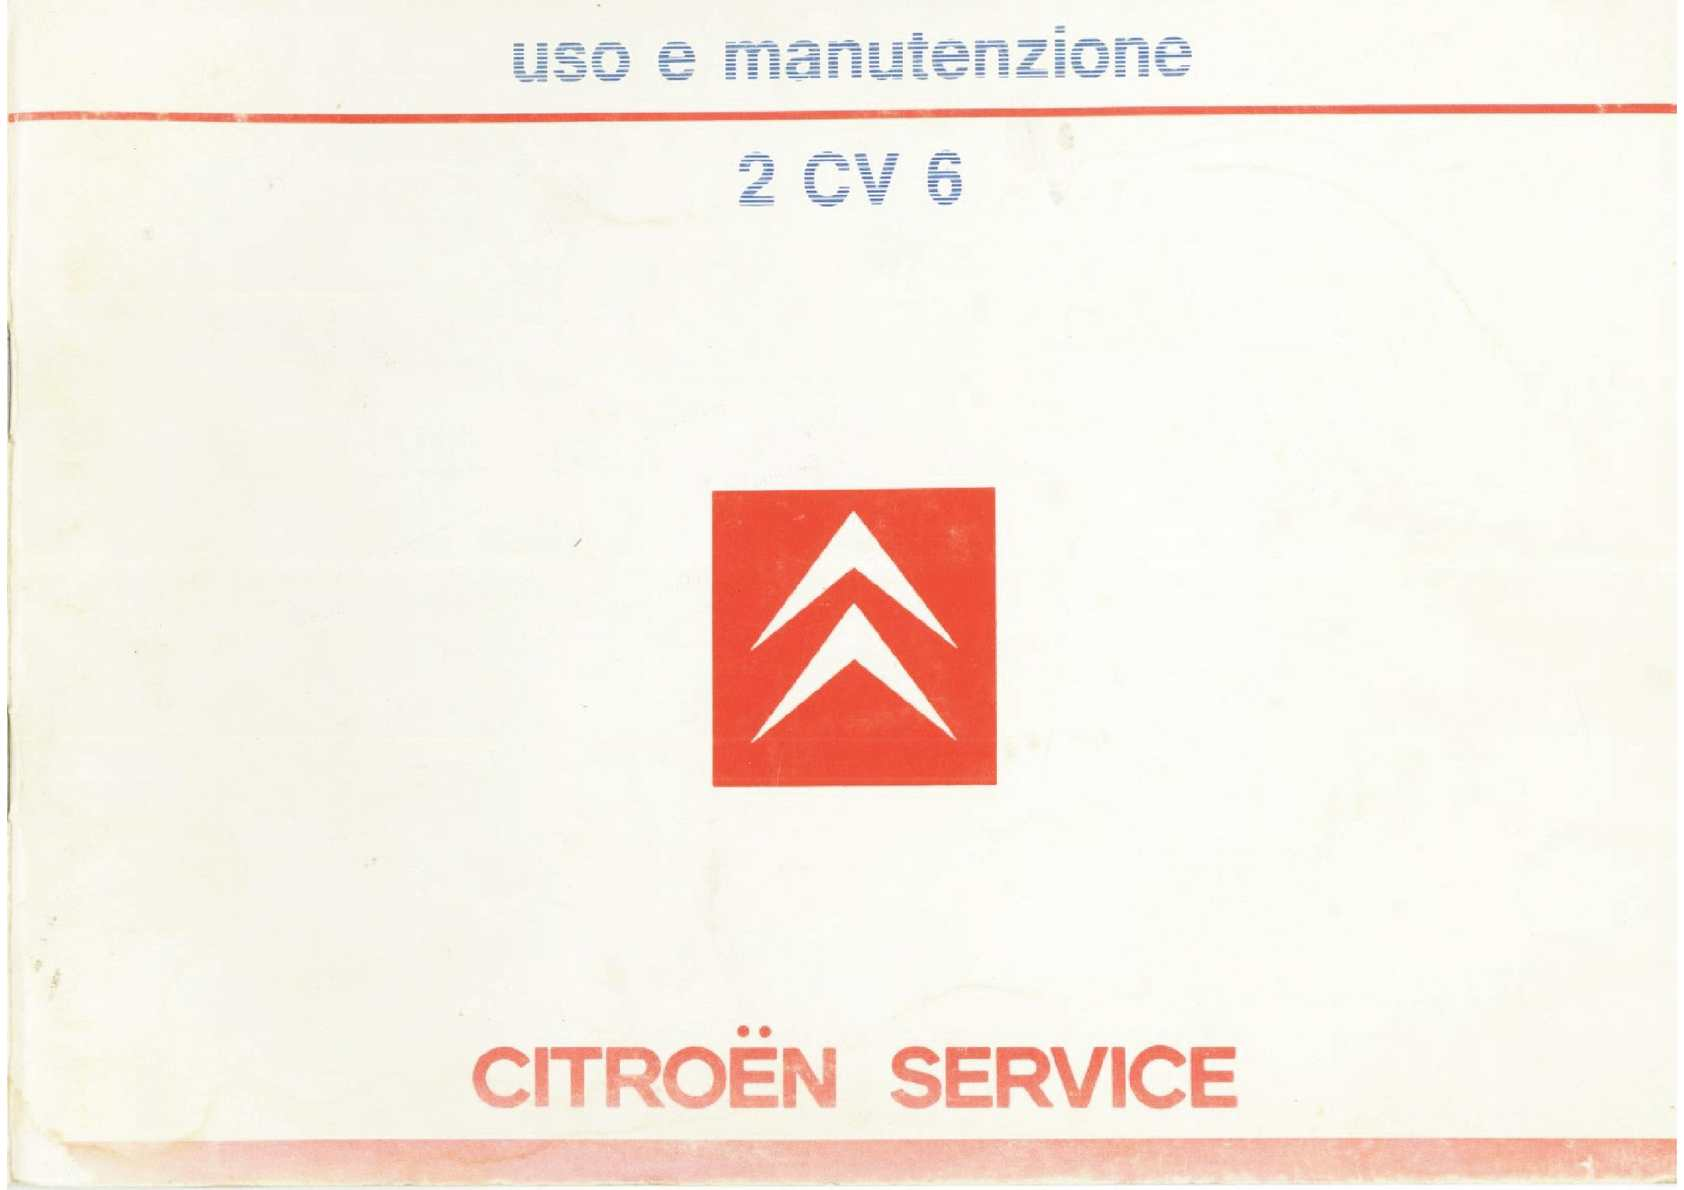 Libretto uso e manutenzione Citroen 2cv6 Charleston